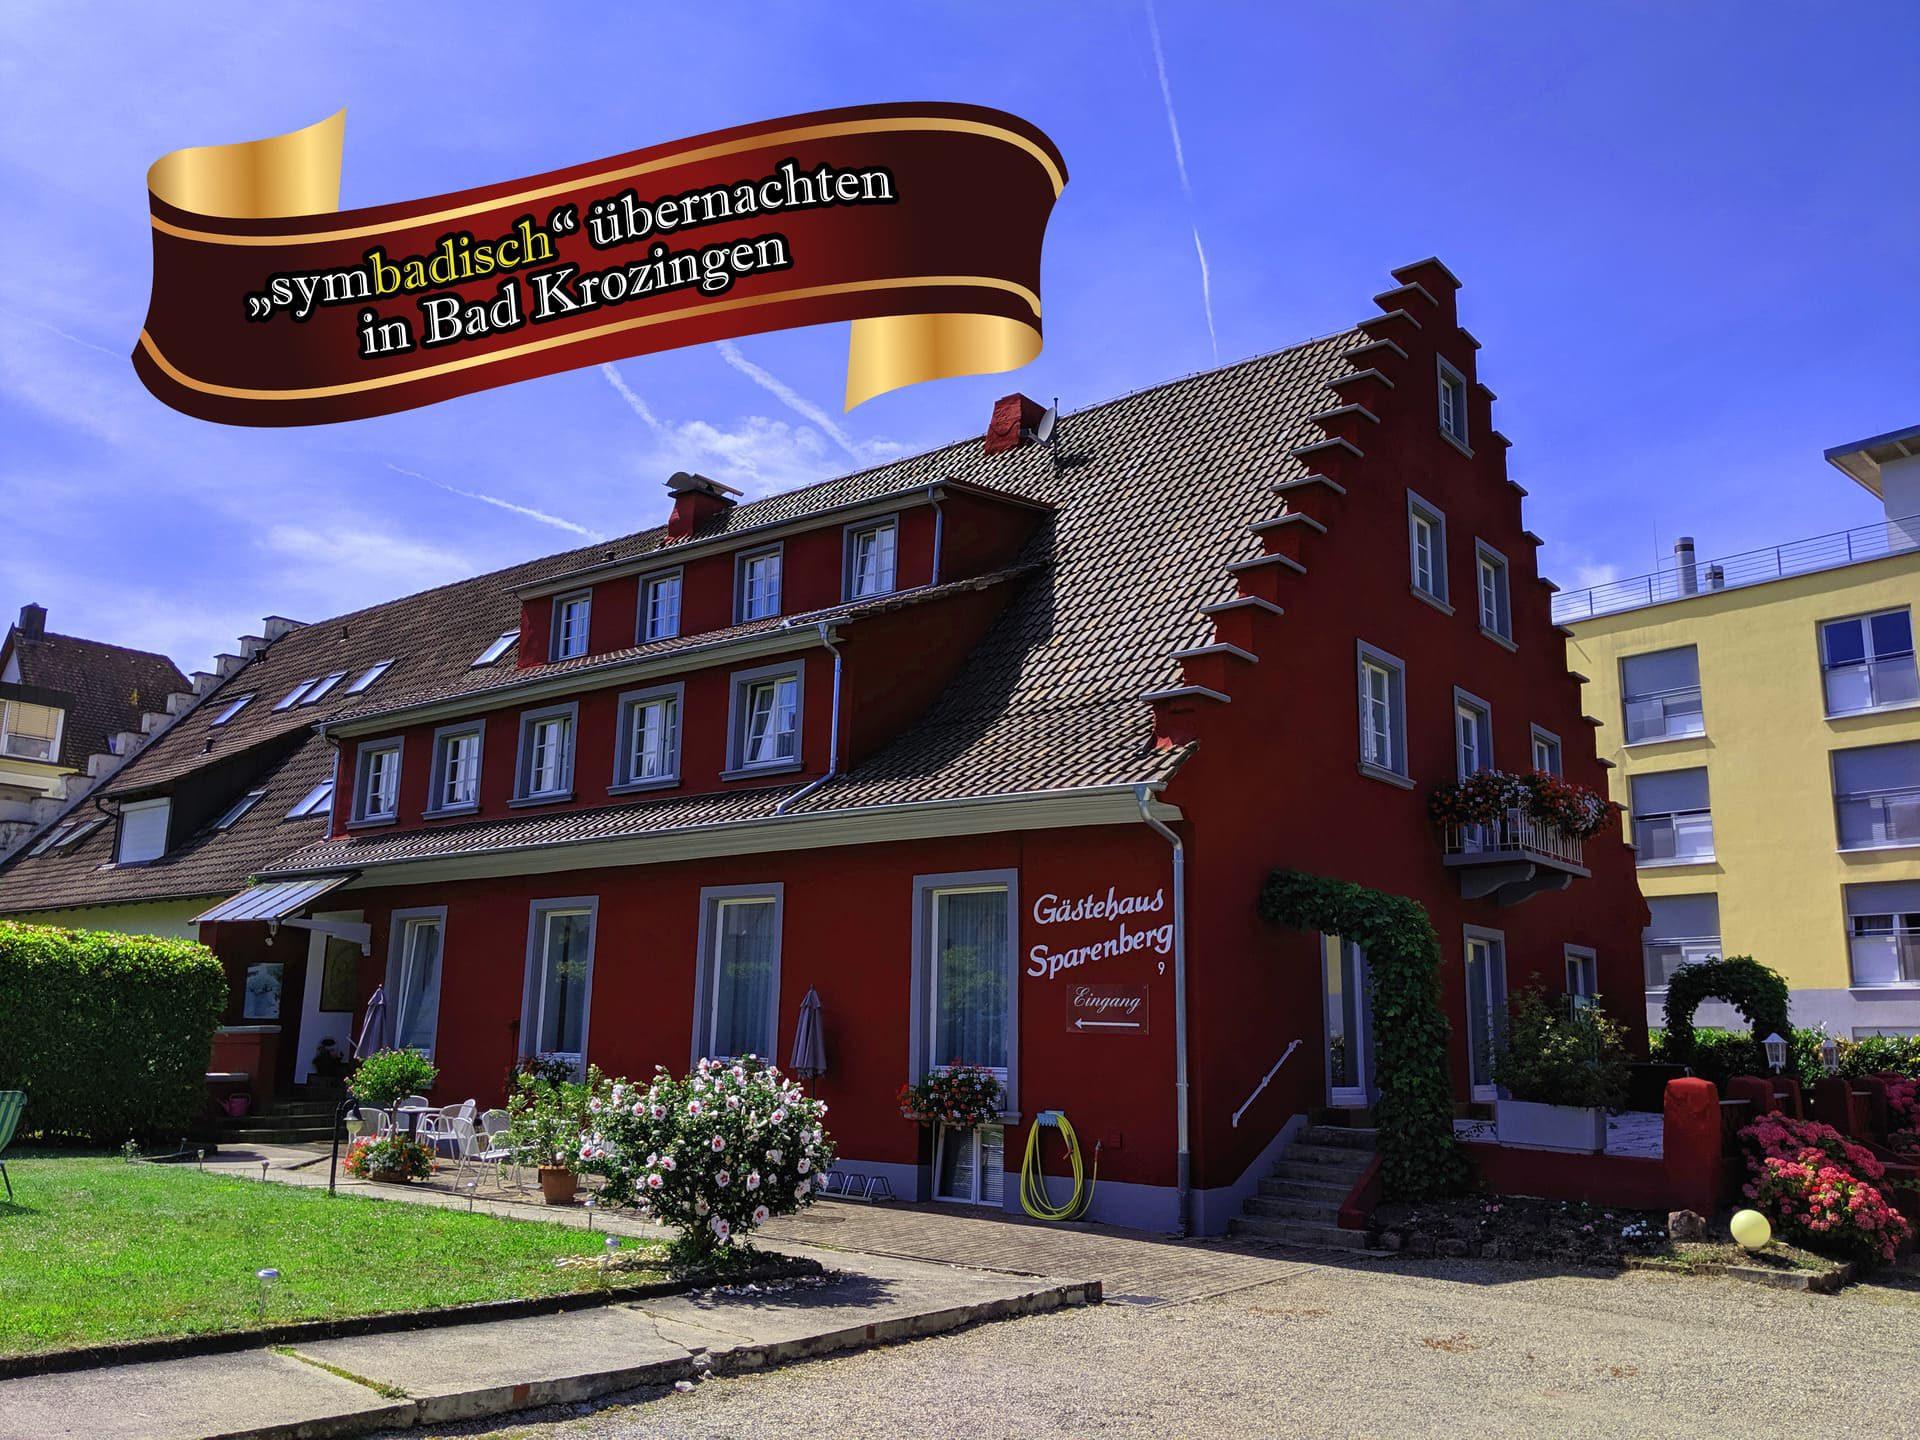 Gästehaus Sparenberg Gebäude